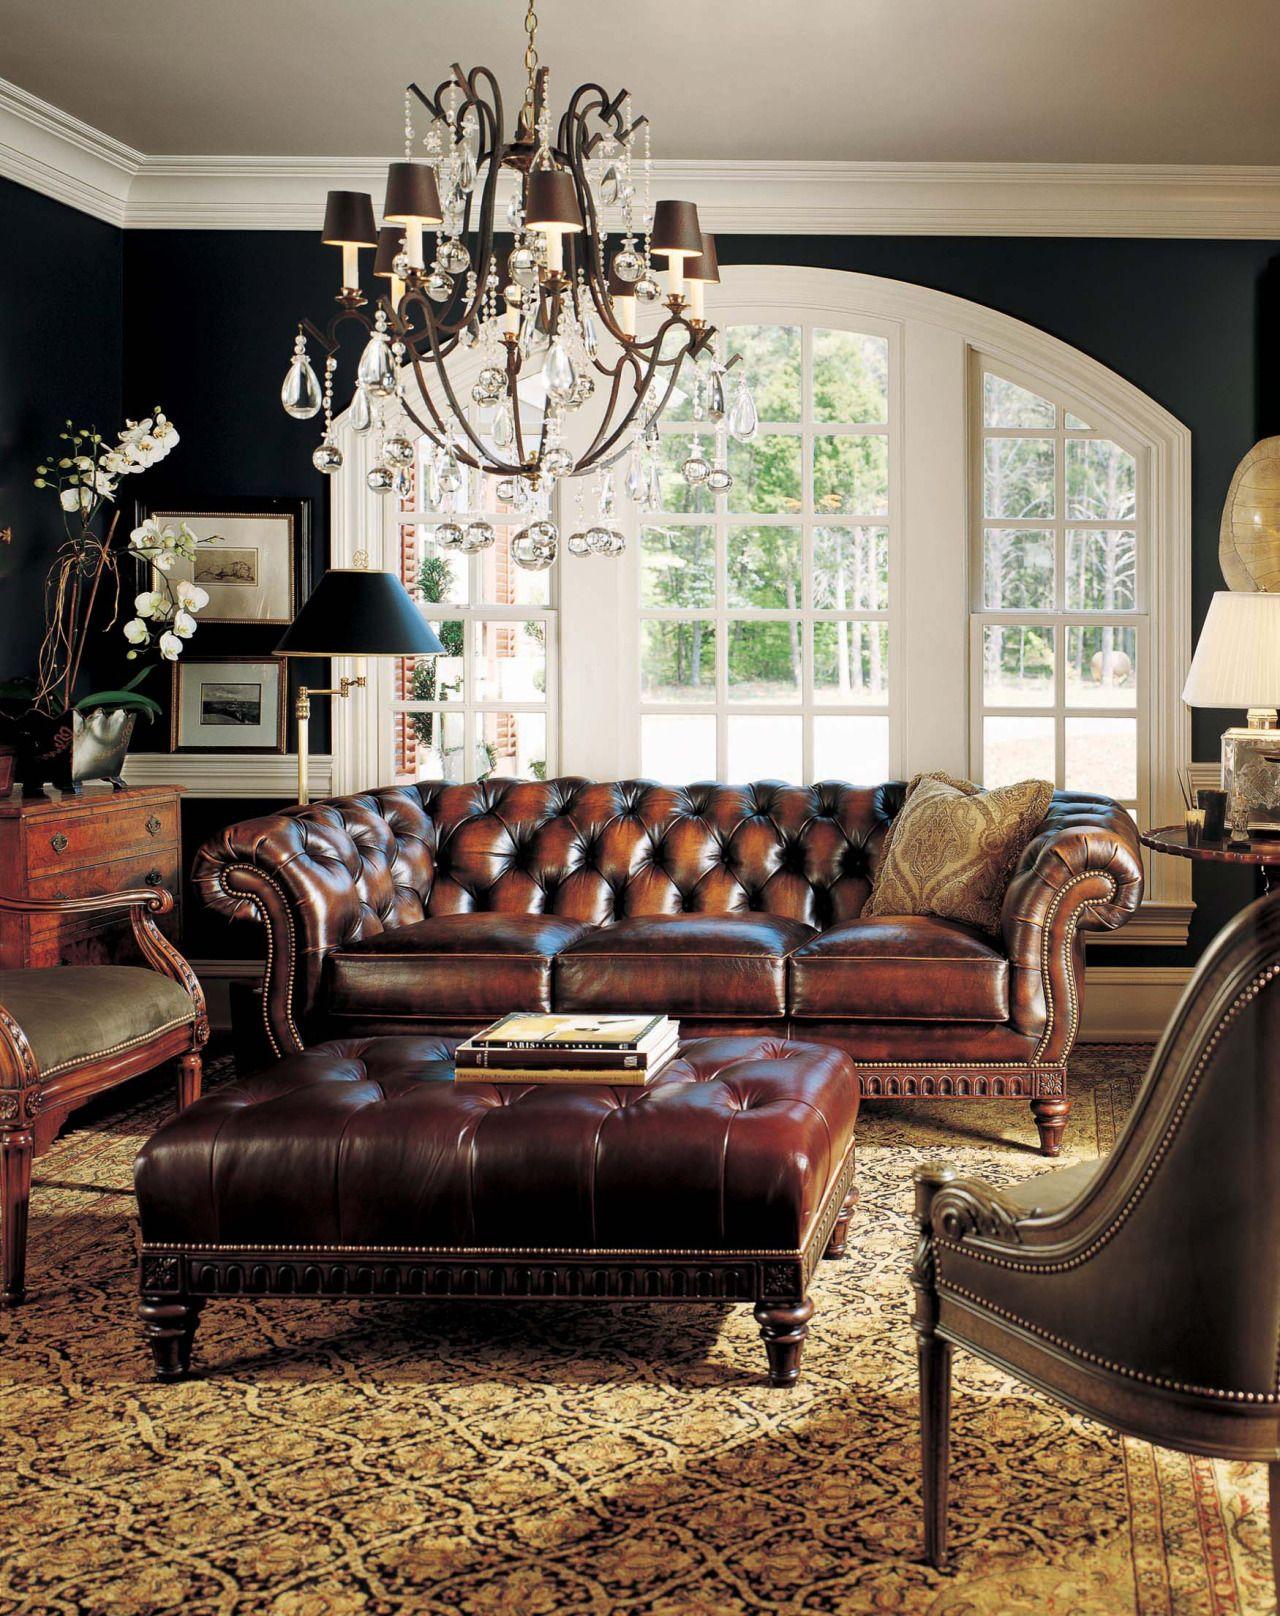 Furniture Meubles At Home Furniture Store Luxury Furniture Design Furniture